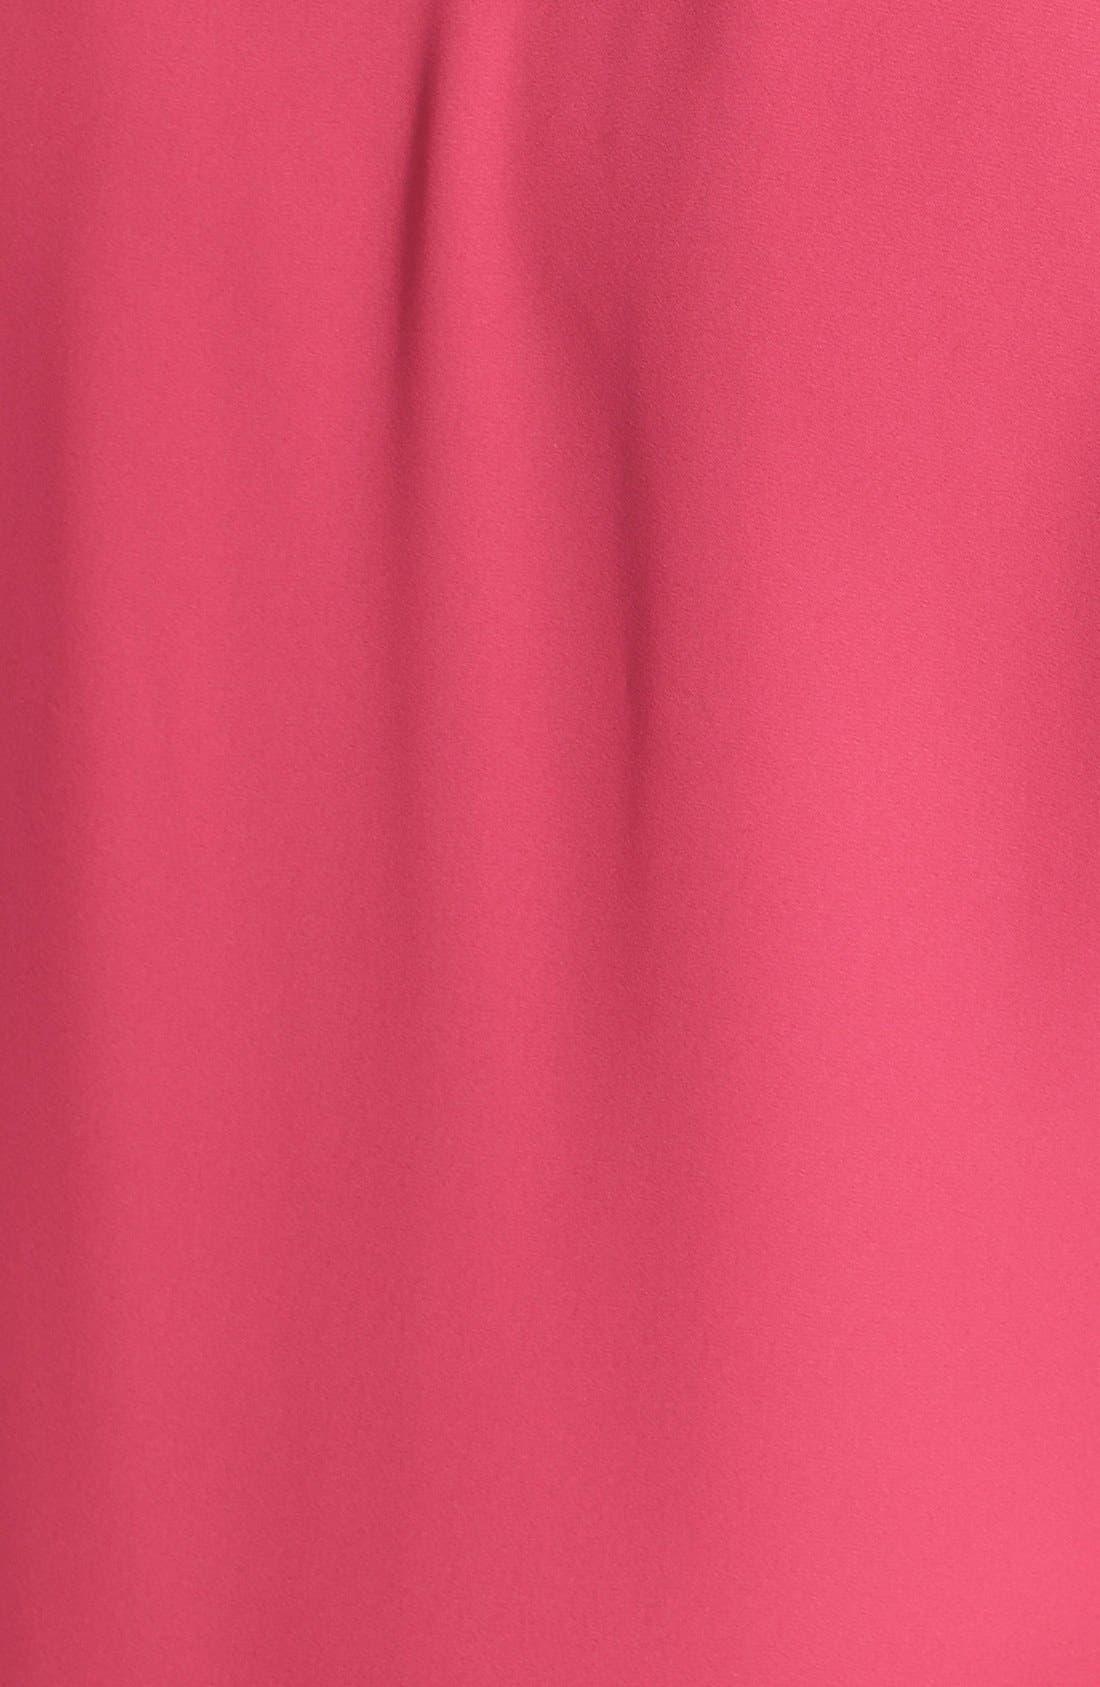 Alternate Image 3  - Pleione Embroidered Sleeve Blouse